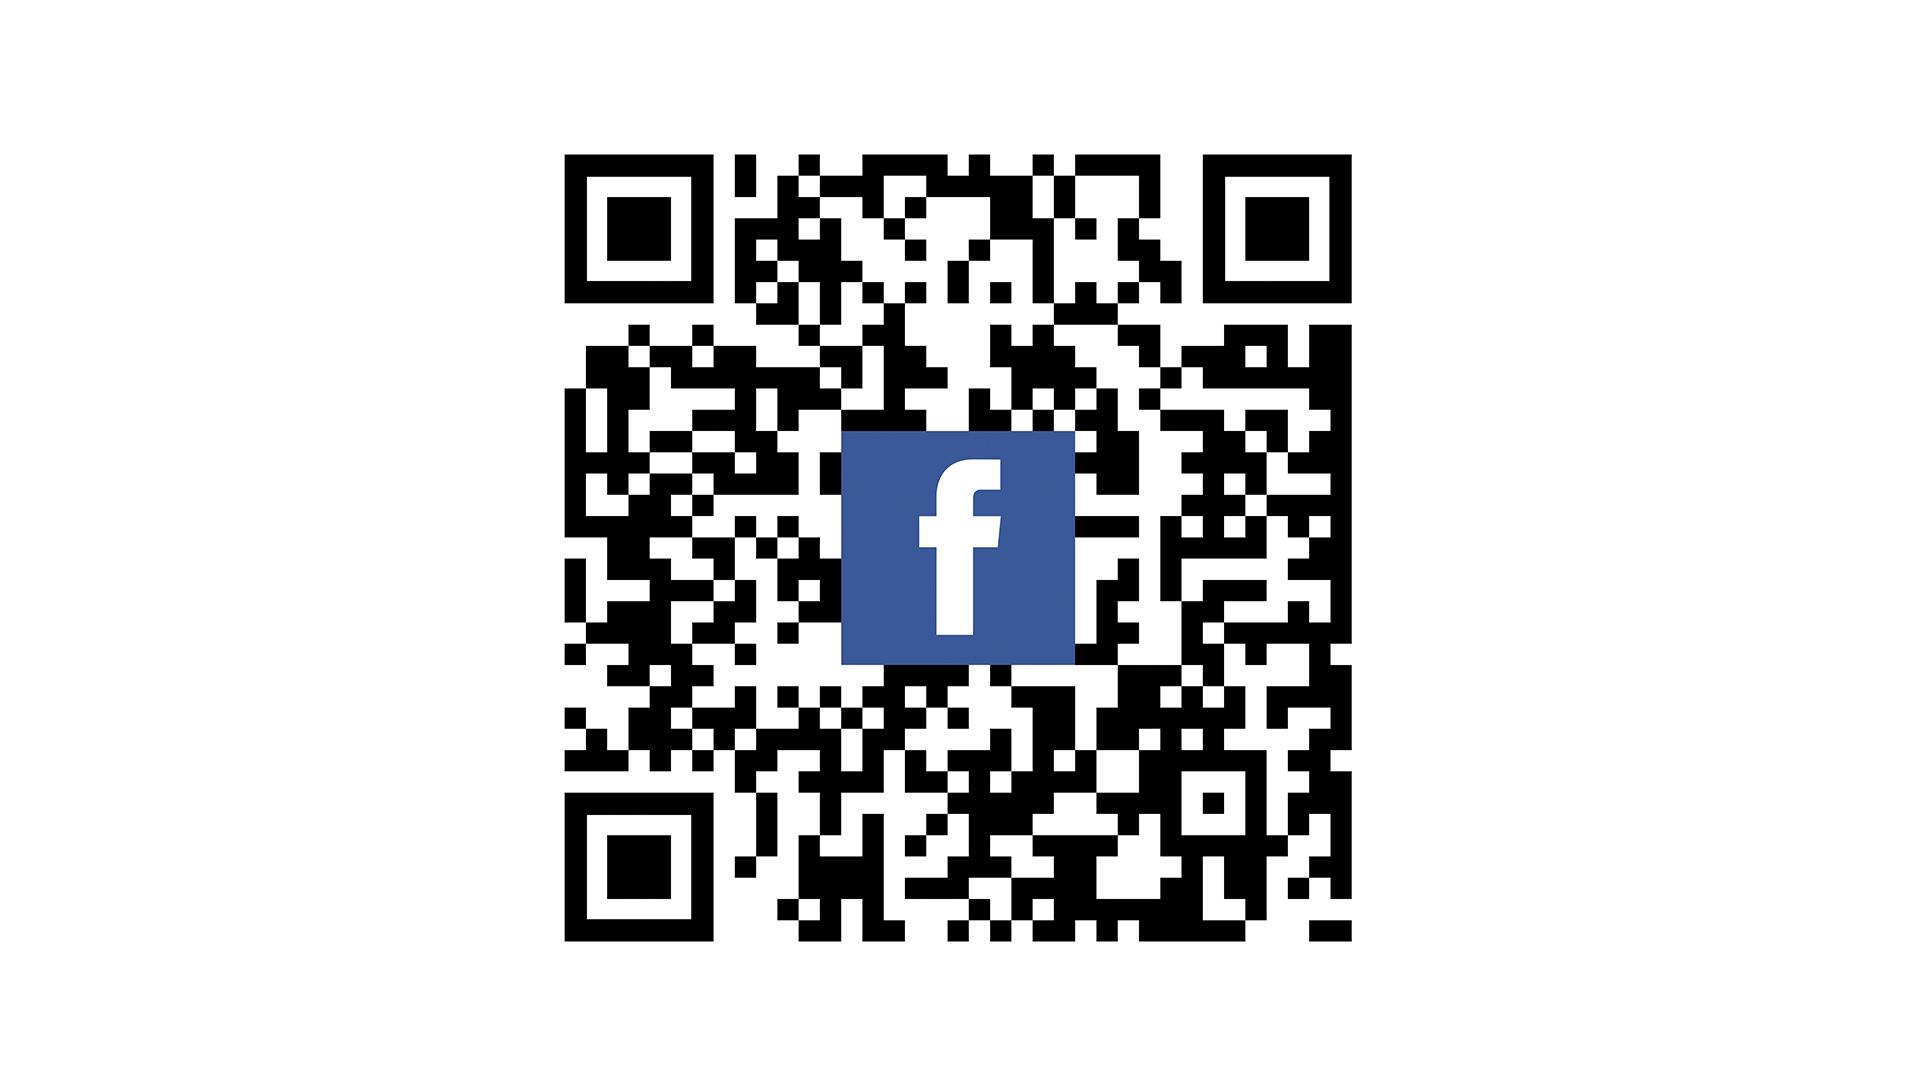 QR-Code der Facebookseite von Sitzgenuss